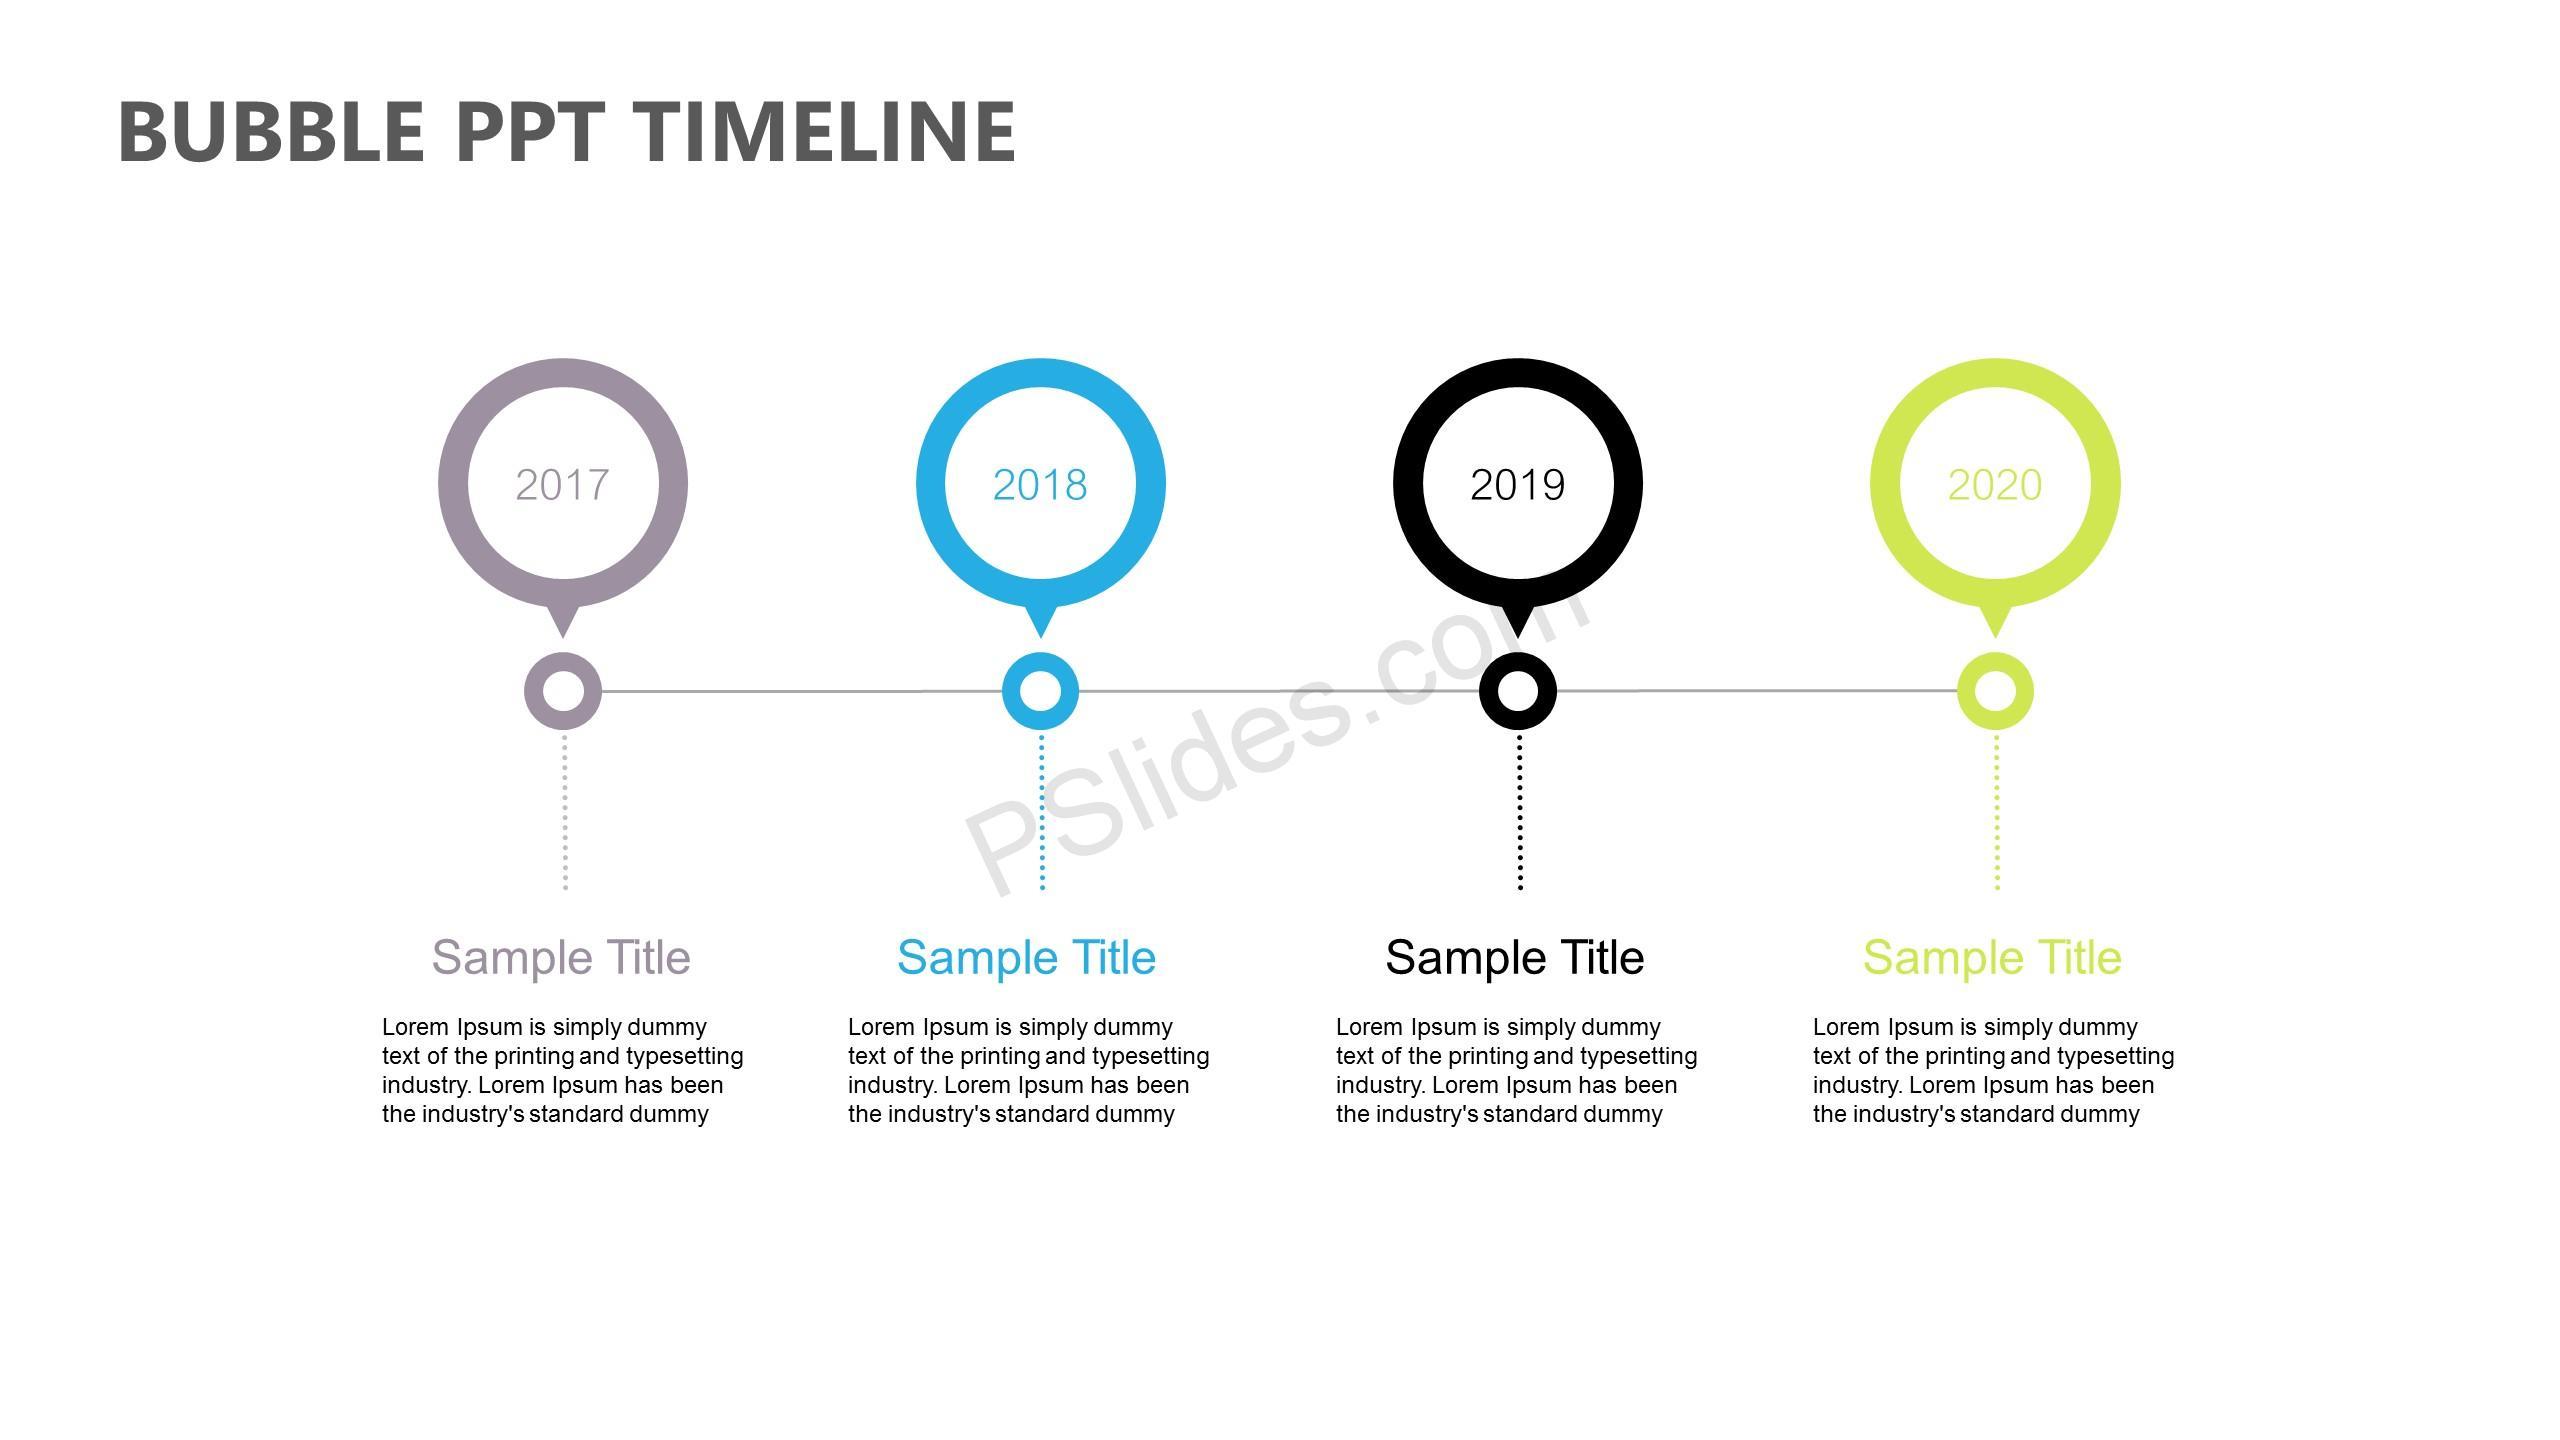 Bubble PPT Timeline